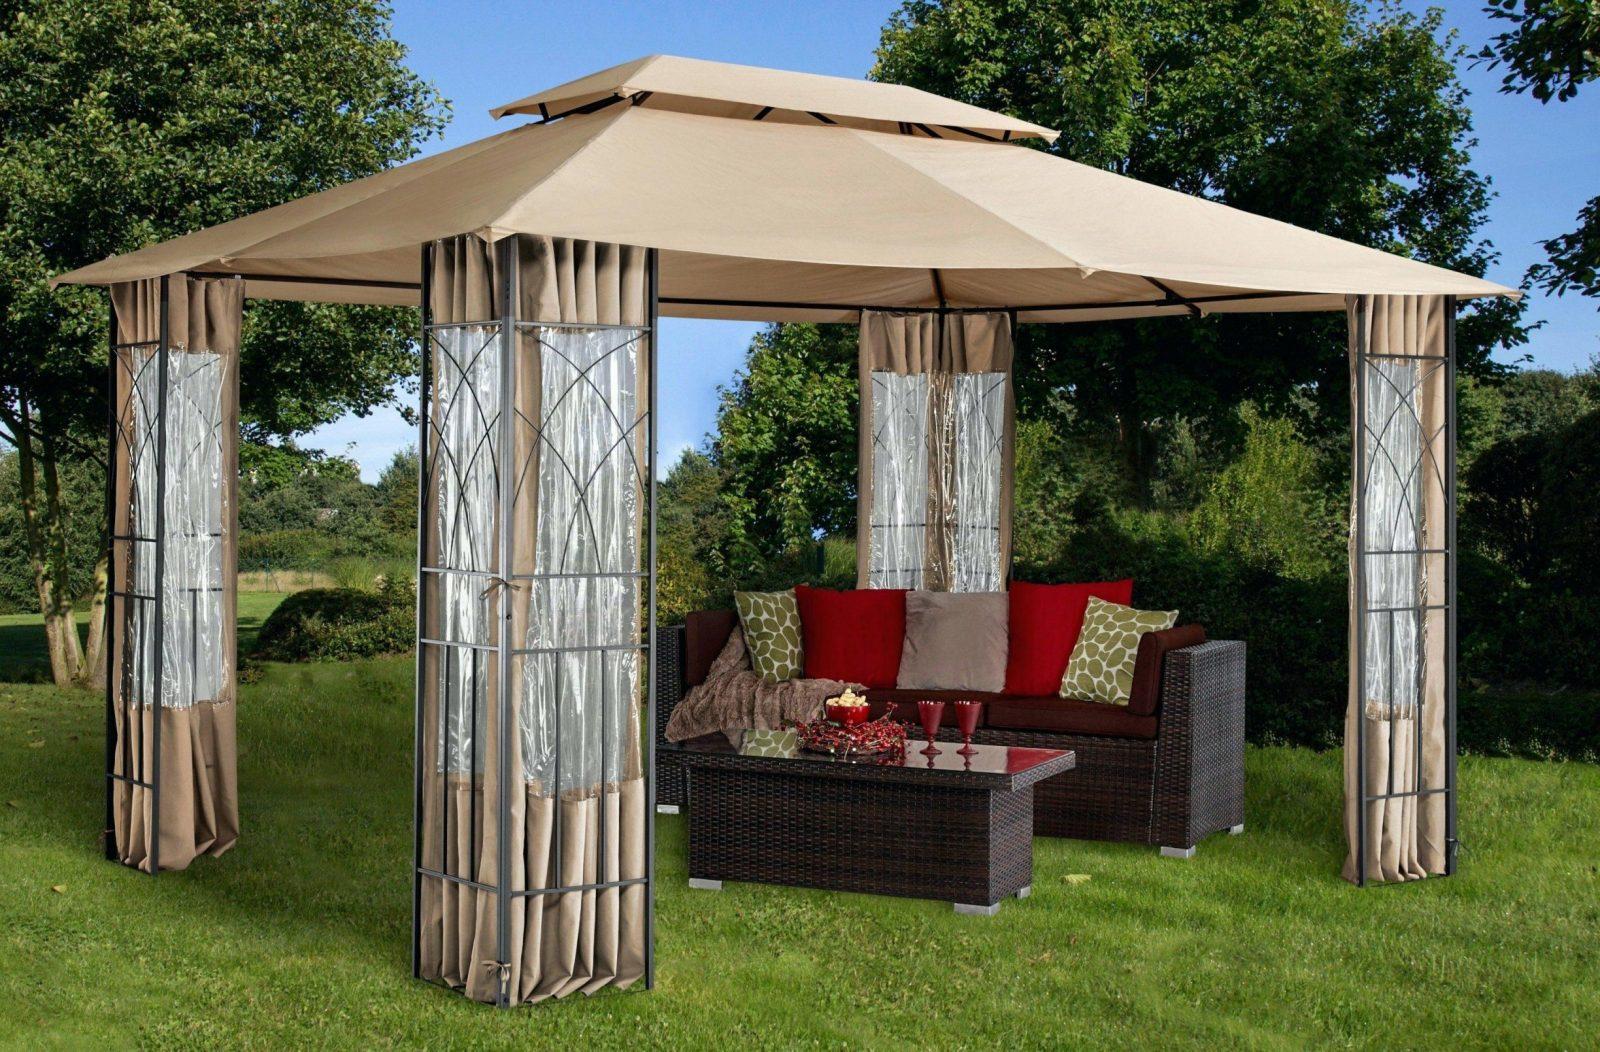 Pavillon Holz 4X4 8 Eck Pavillon Holz Modell Pavillon Holz 4X4 Für von Pavillon Holz 4X4 Selber Bauen Photo